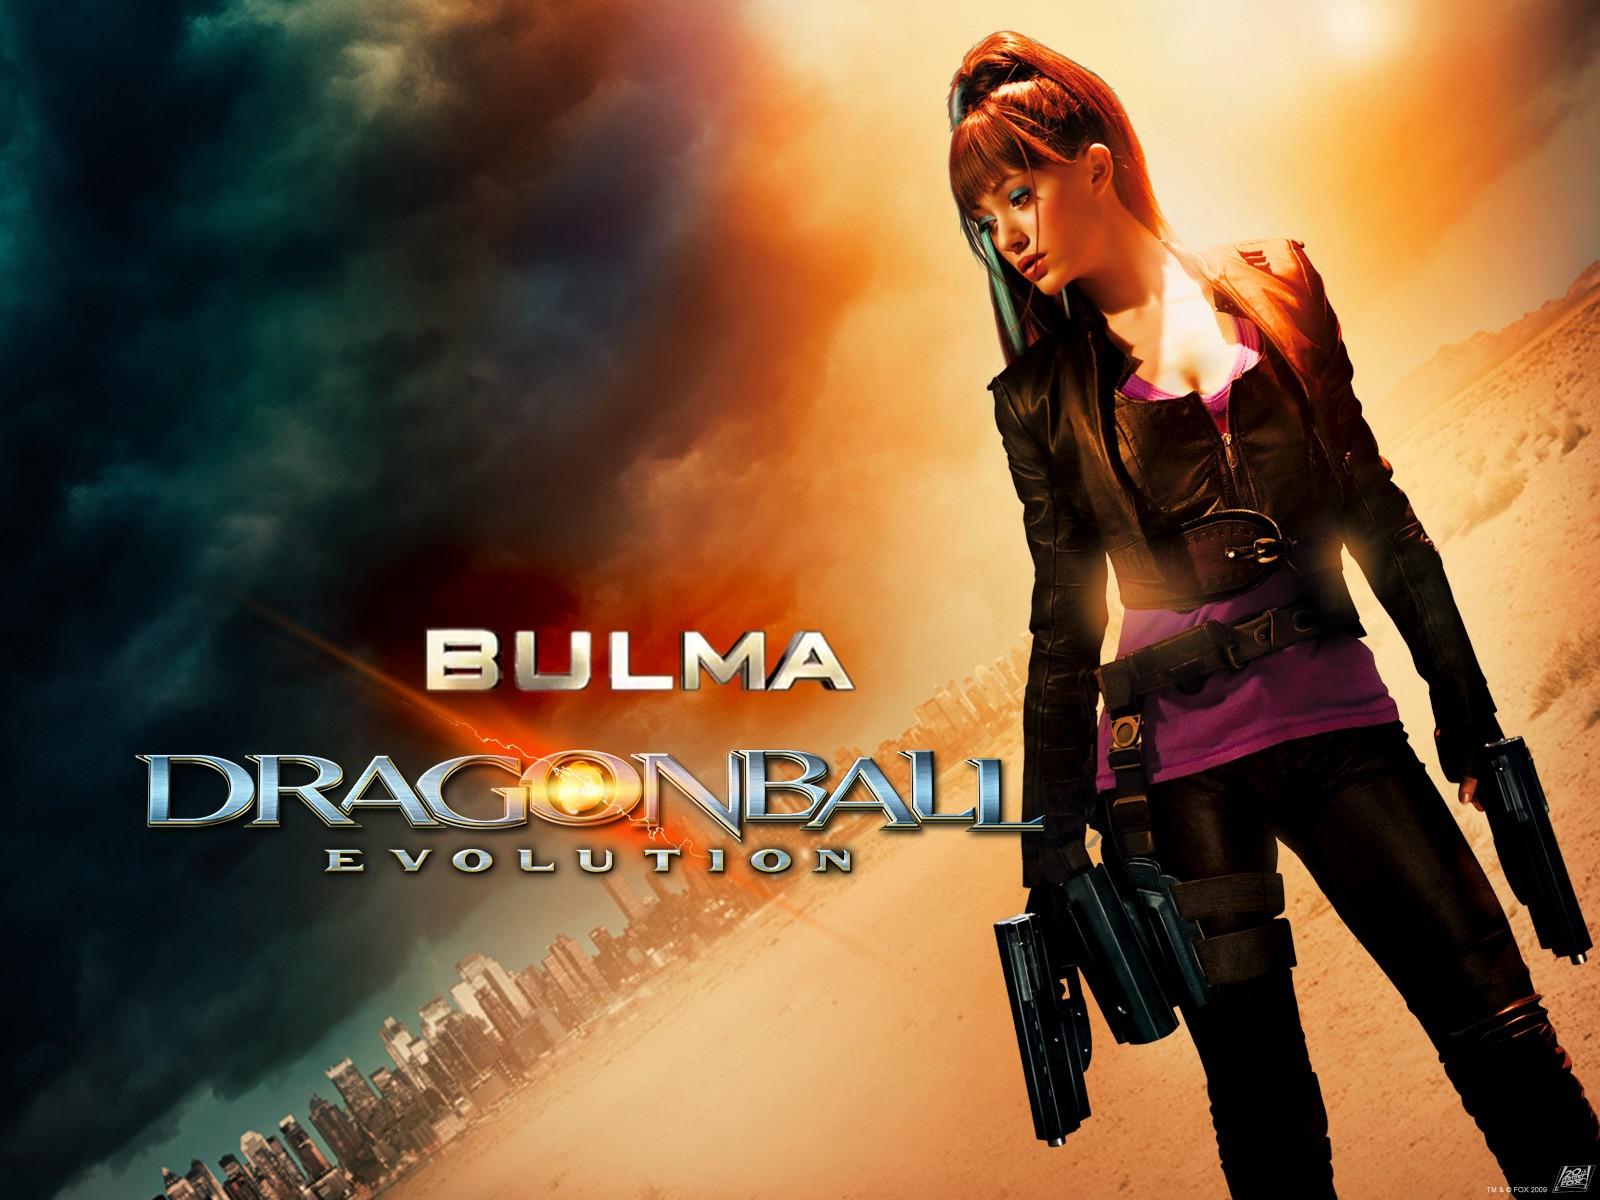 Un wallpaper del film Dragonball con Emmy Rossum nei panni di Bulma nel film Dragonball